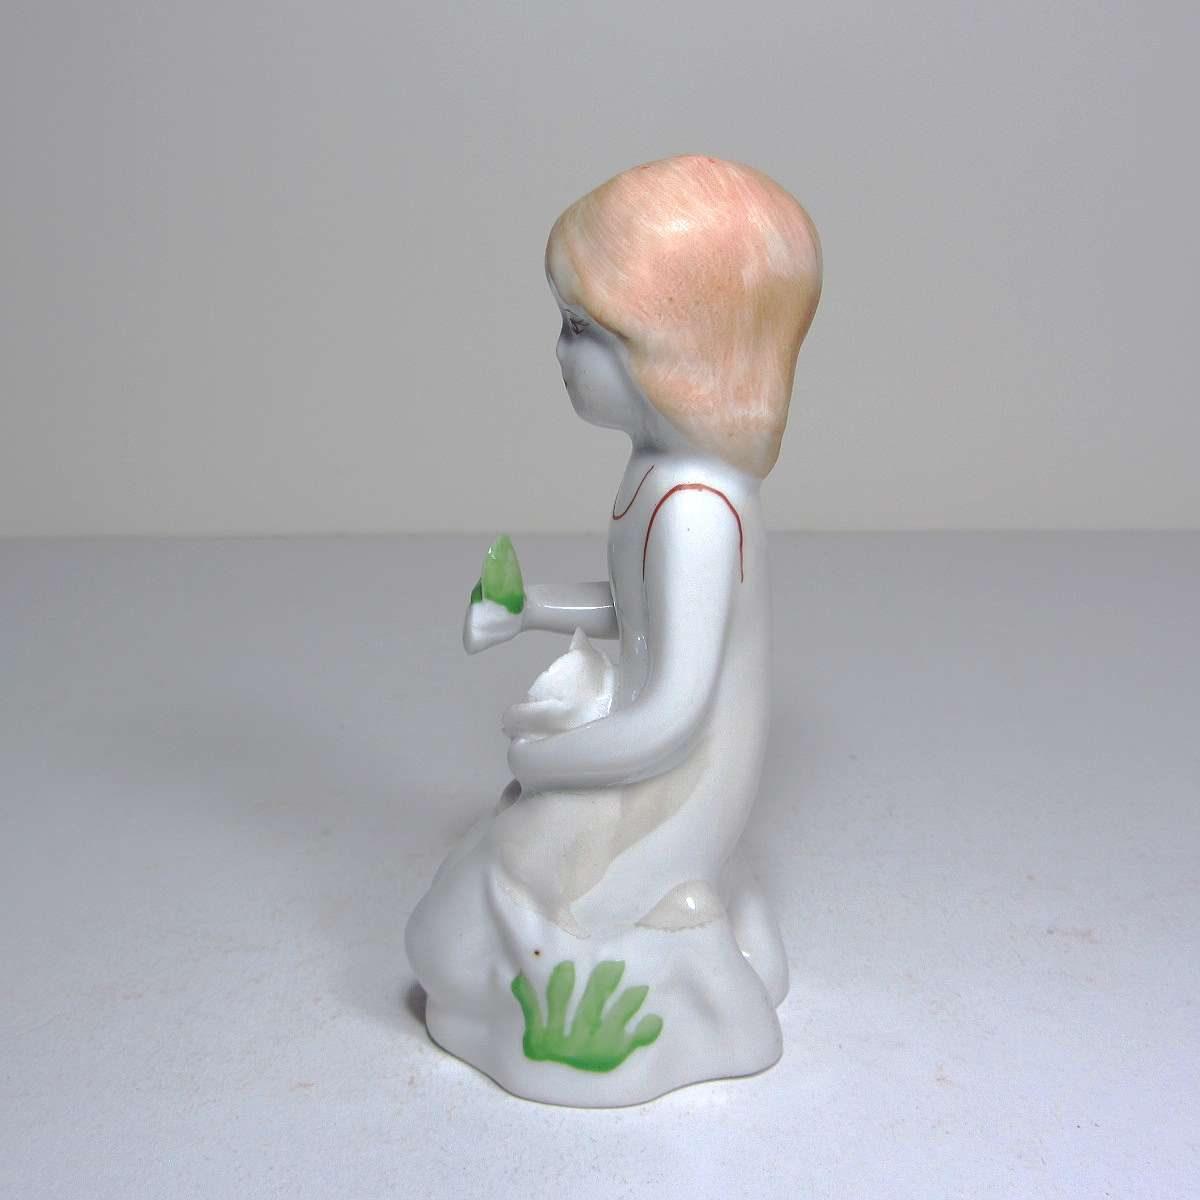 Porselen Kız Figürü Seçtiklerimiz Figür